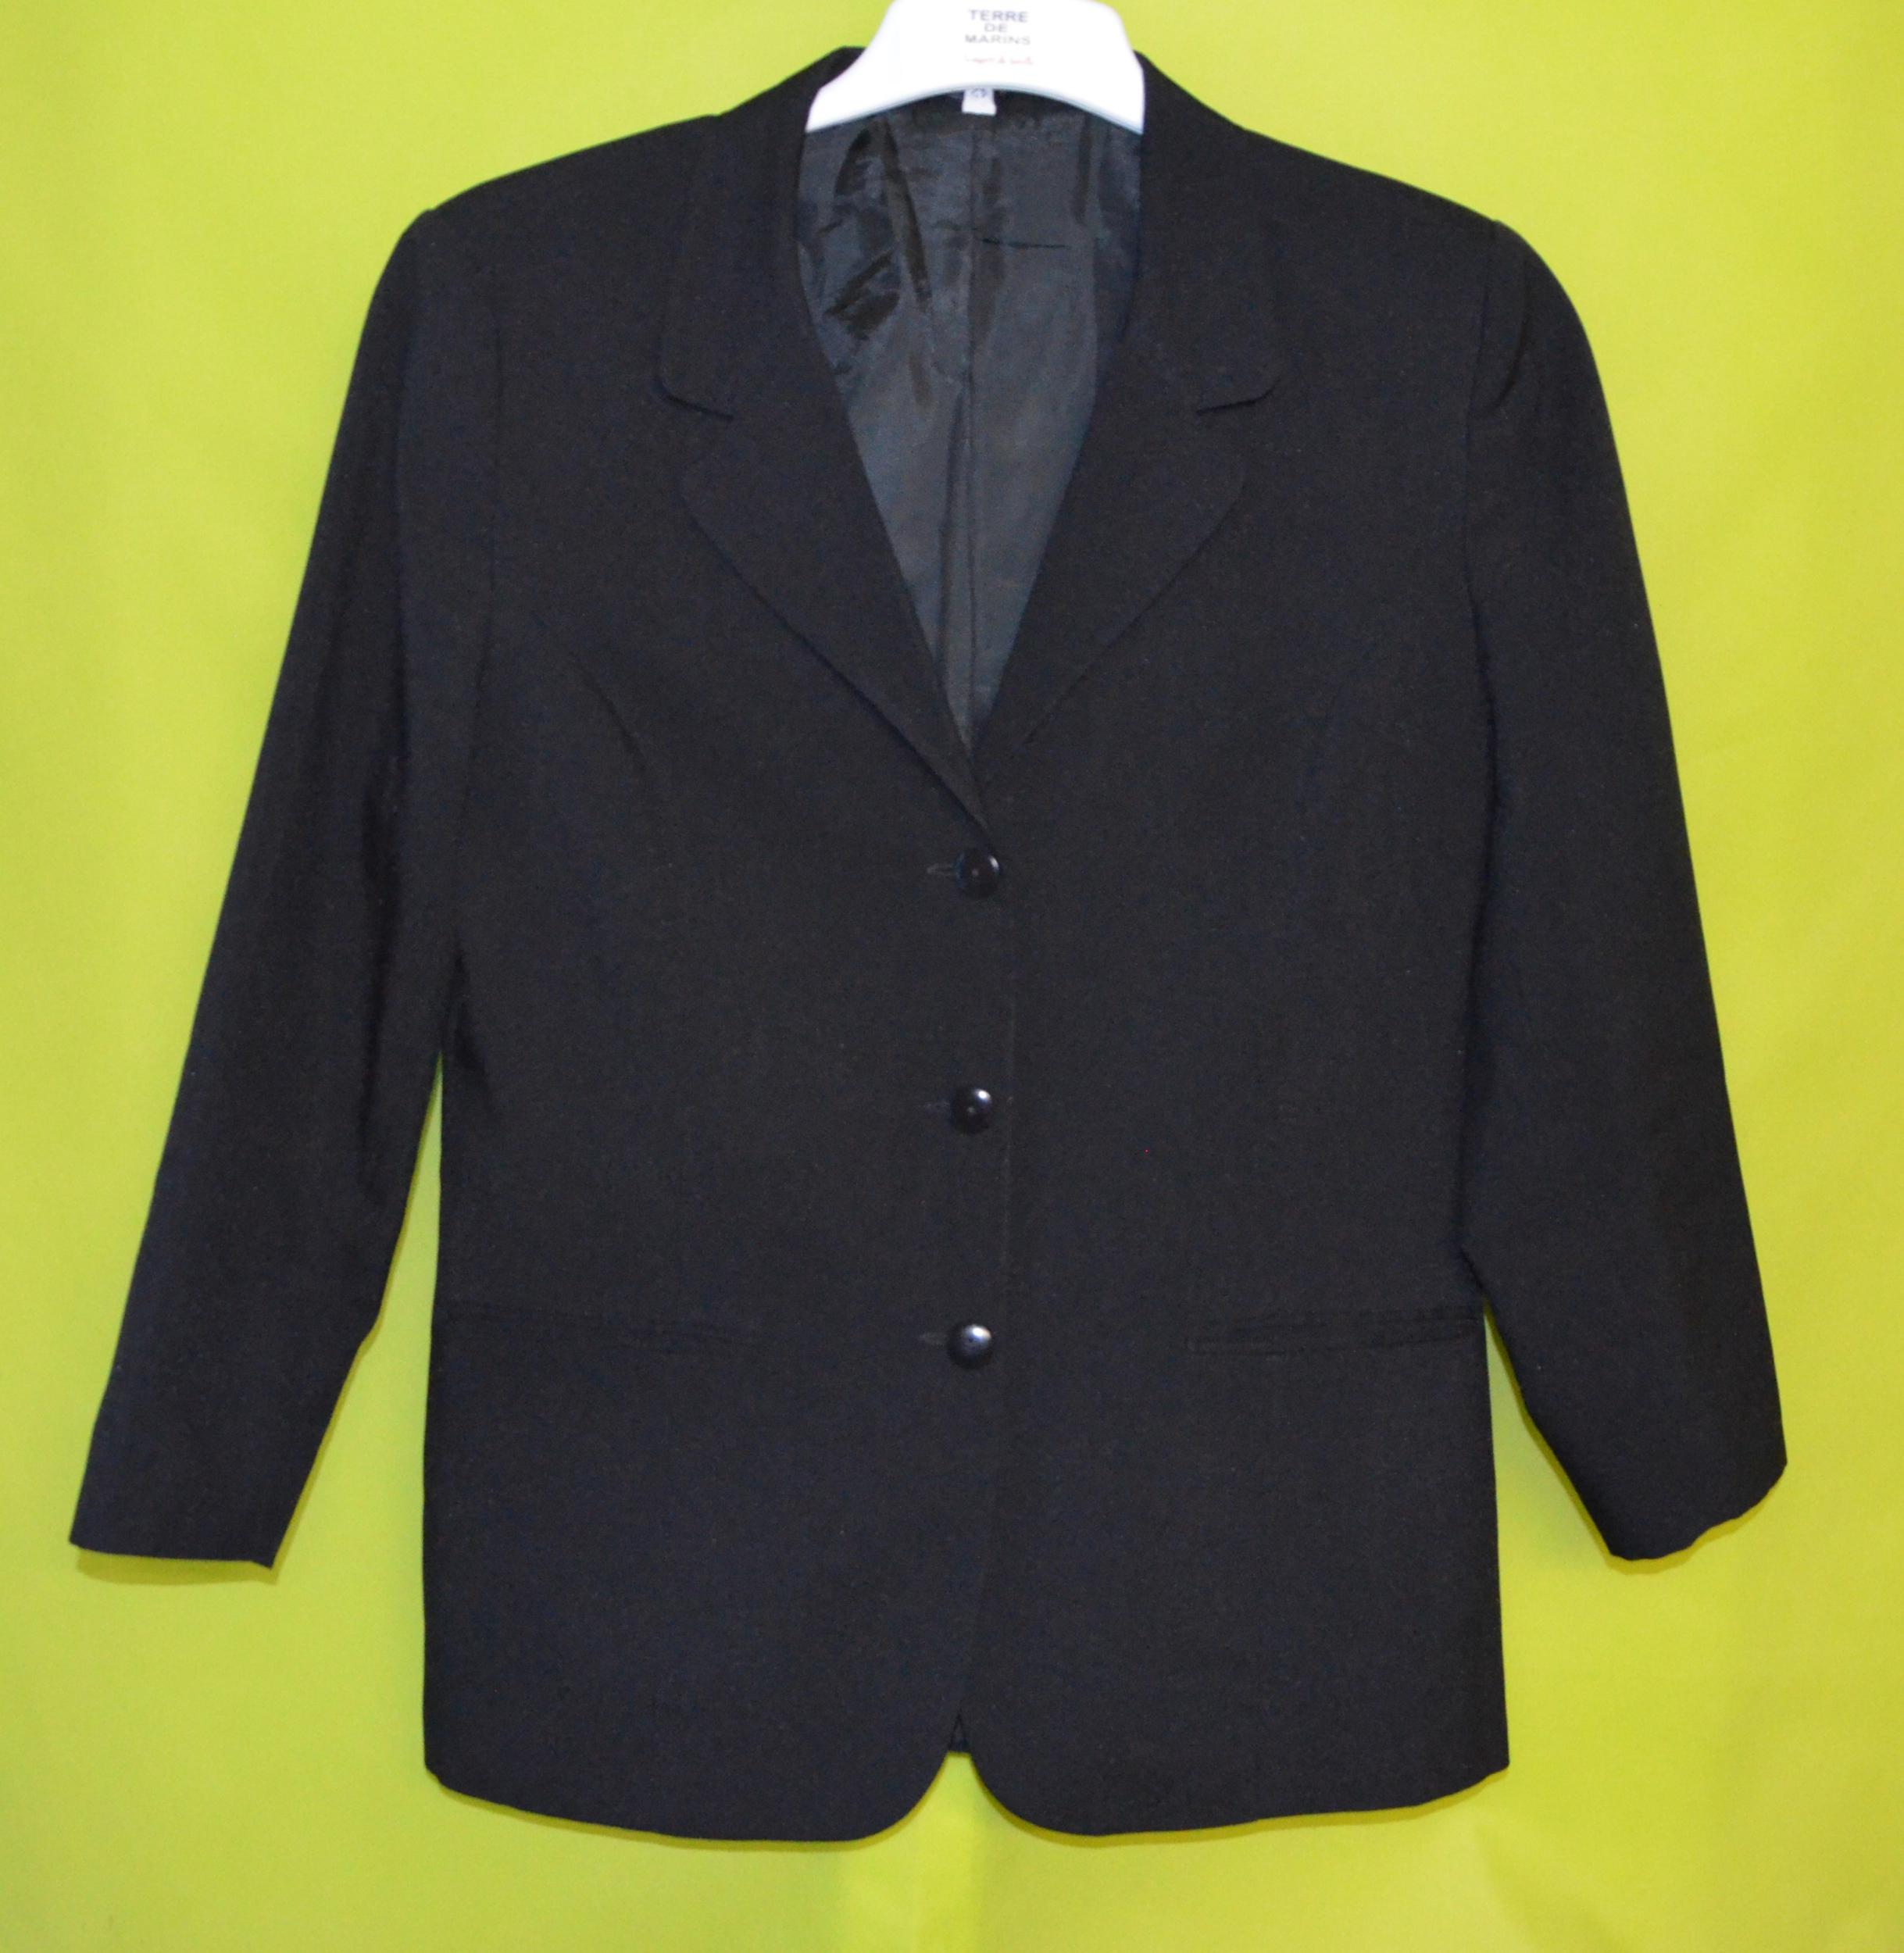 Friperie en ligne femme veste 42 noir robur vetement occasion femme